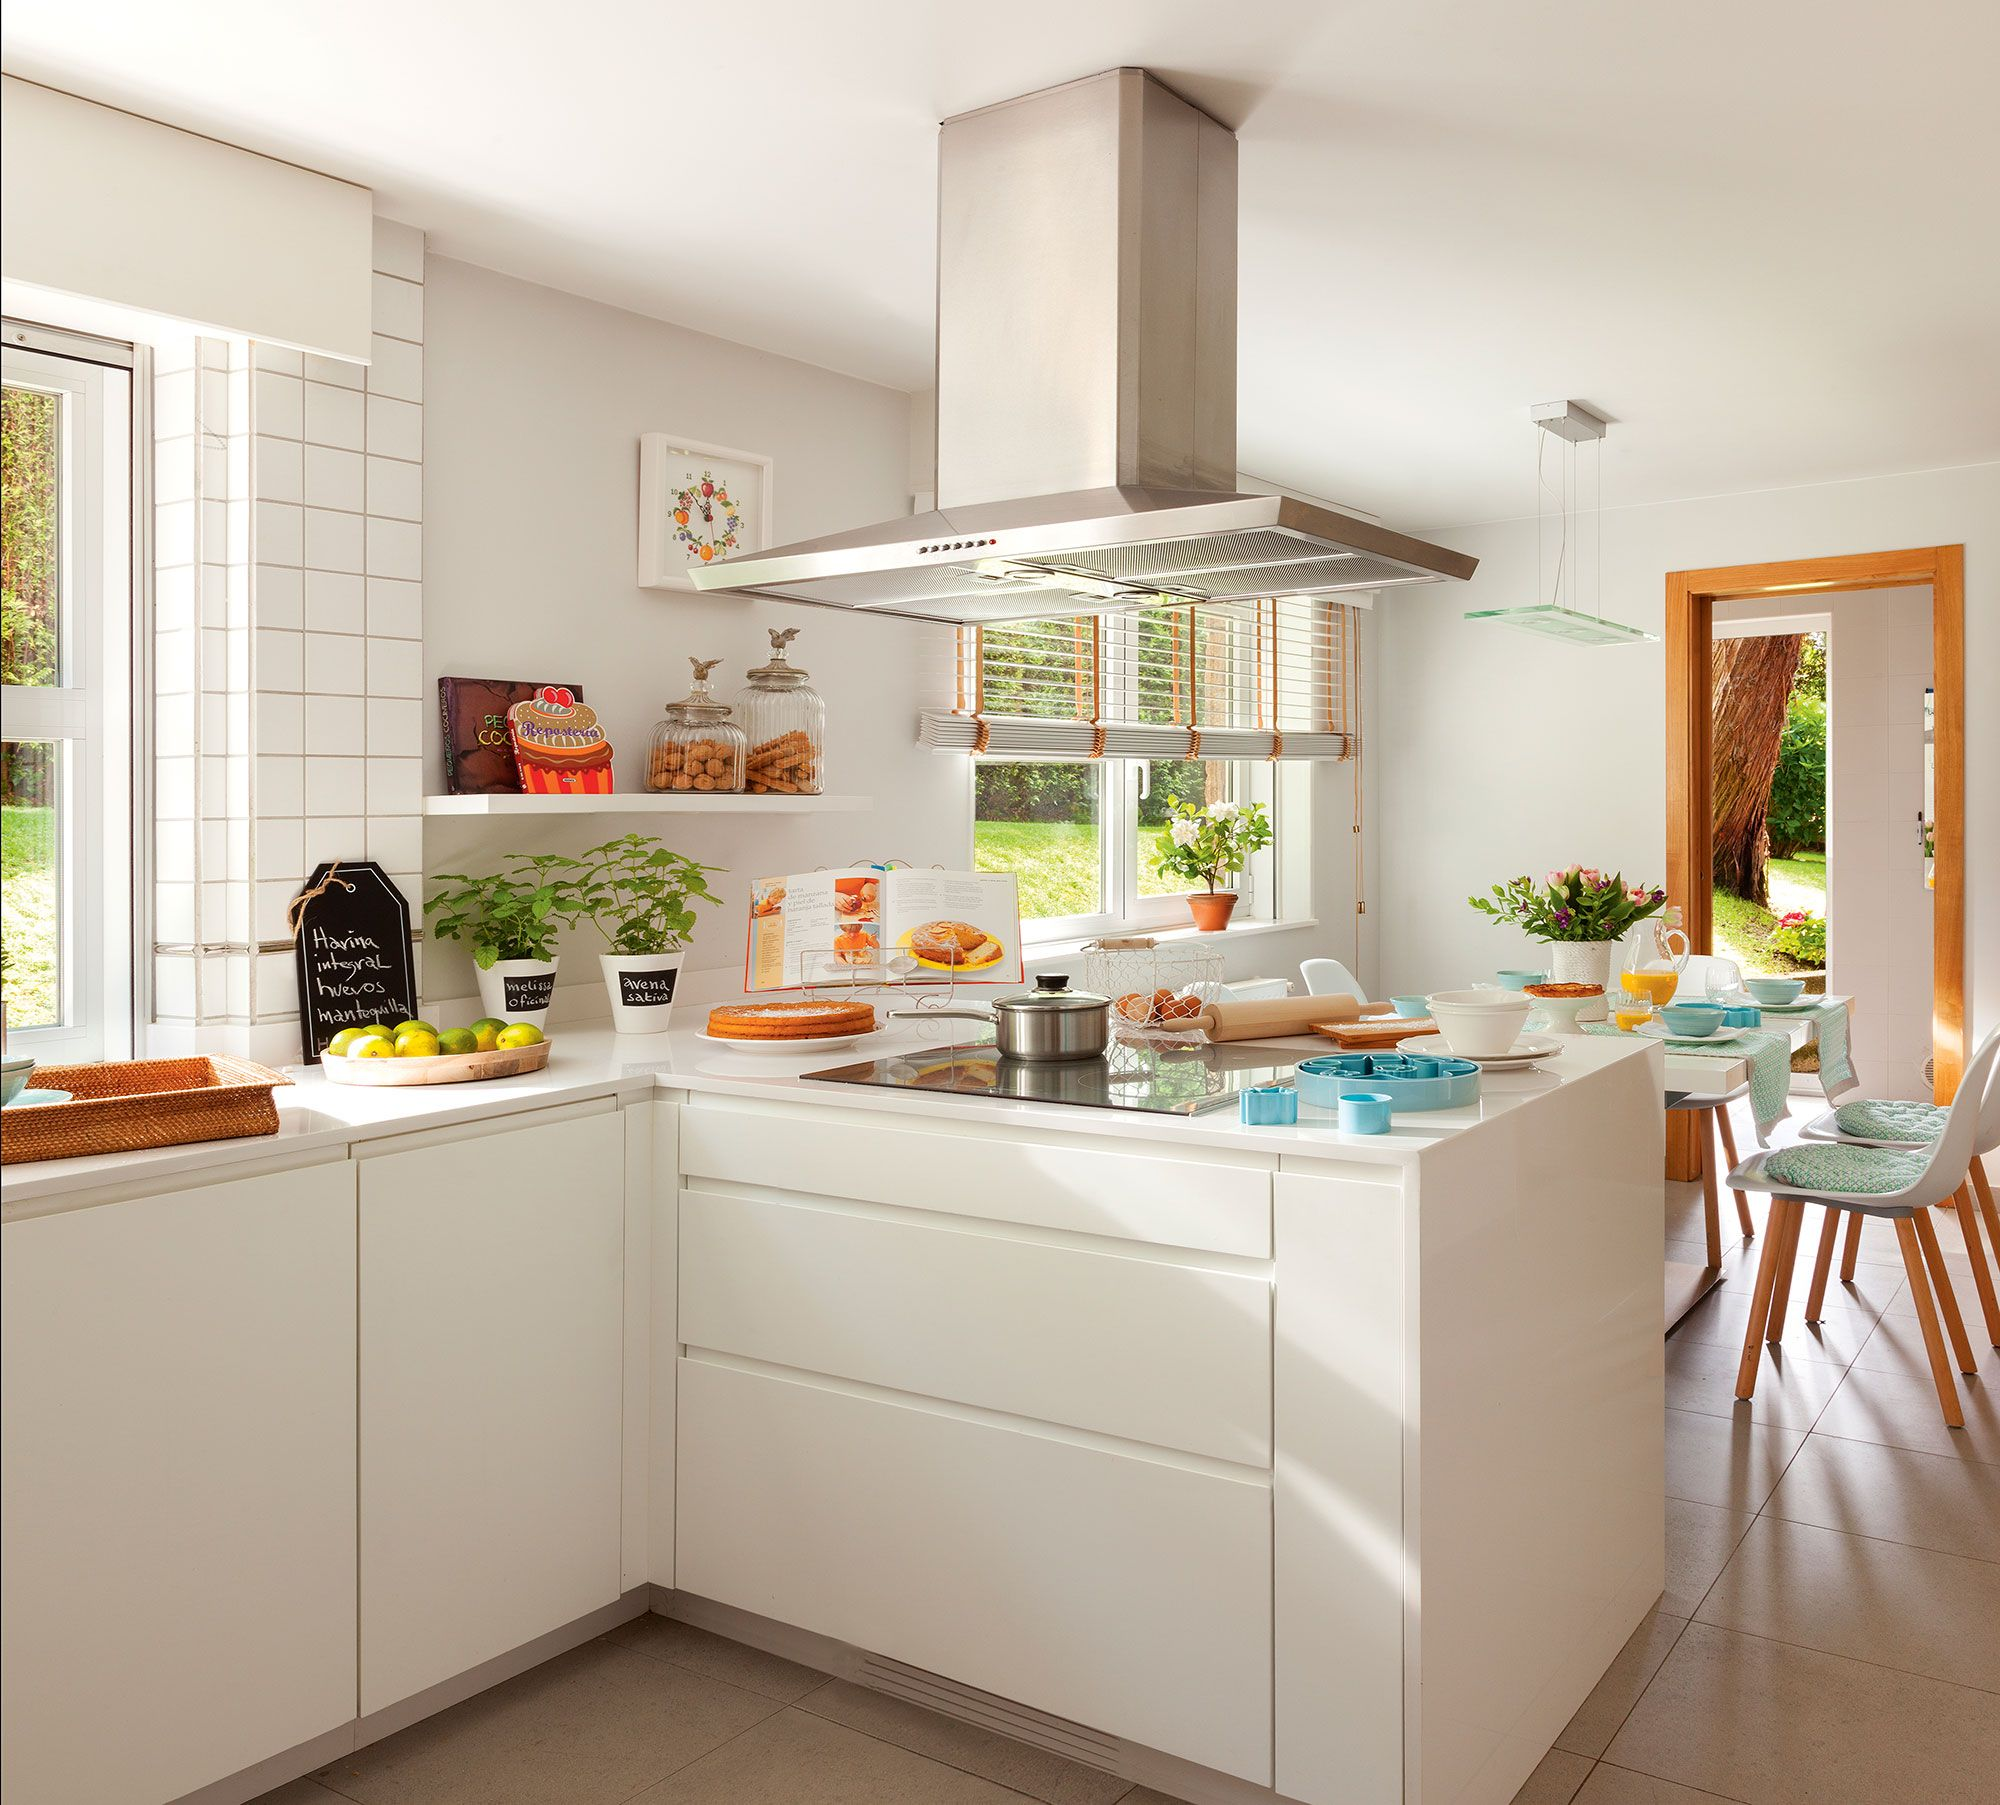 Tres cocinas blancas: un color, tres estilos distintos | Cocinas en ...